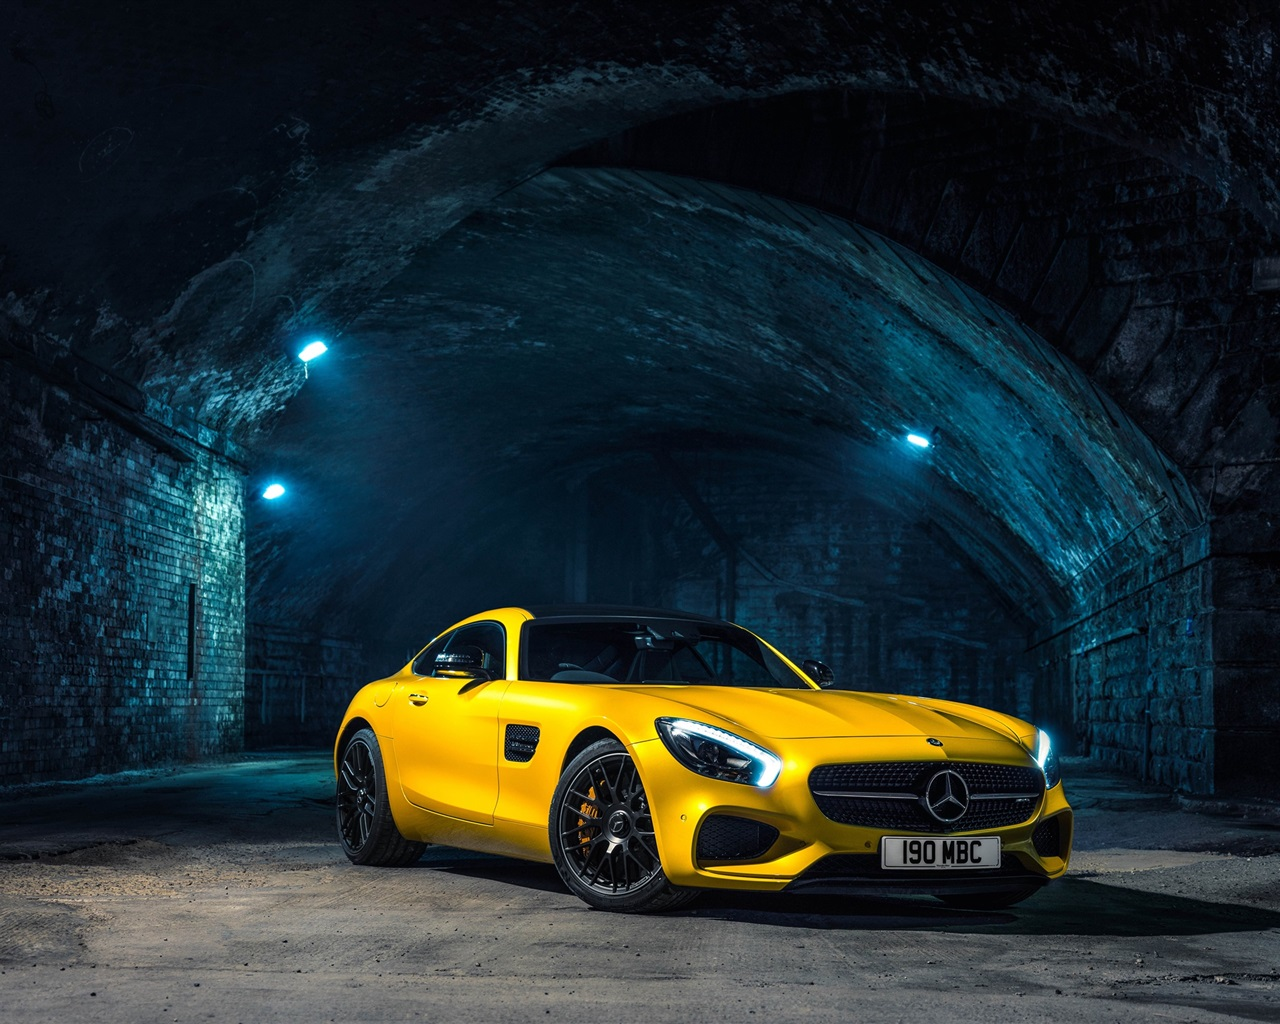 ... Mercedes-AMG GT C190 gelben supercar Hintergrundbilder - 1280x1024